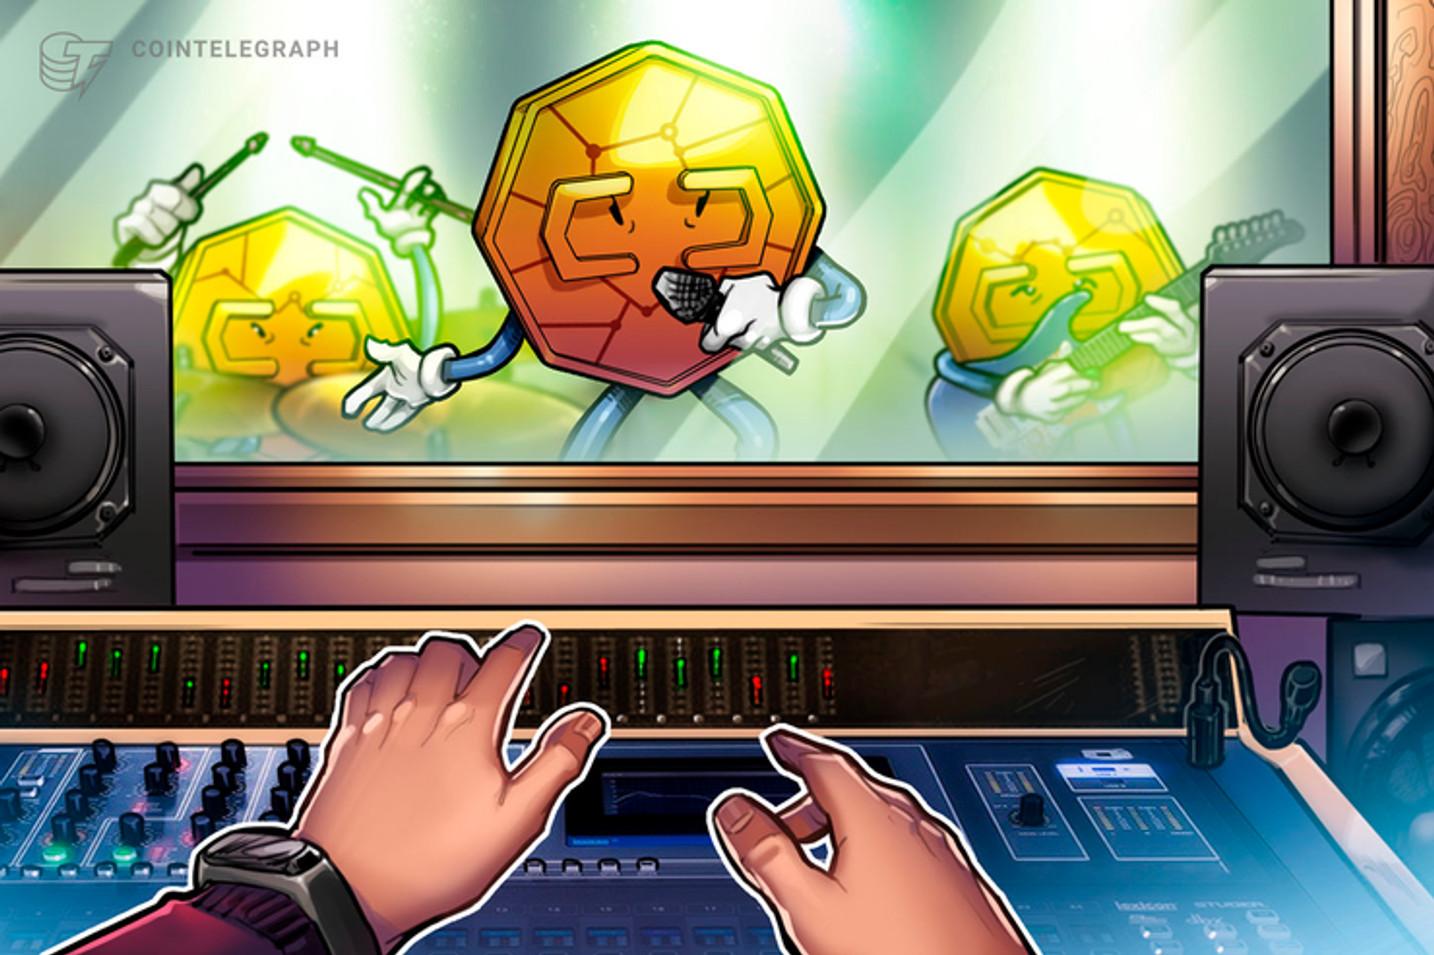 Anitta divulga 'dinheiro digital no celular sem precisar de banco', que parece Bitcoin, mas não é